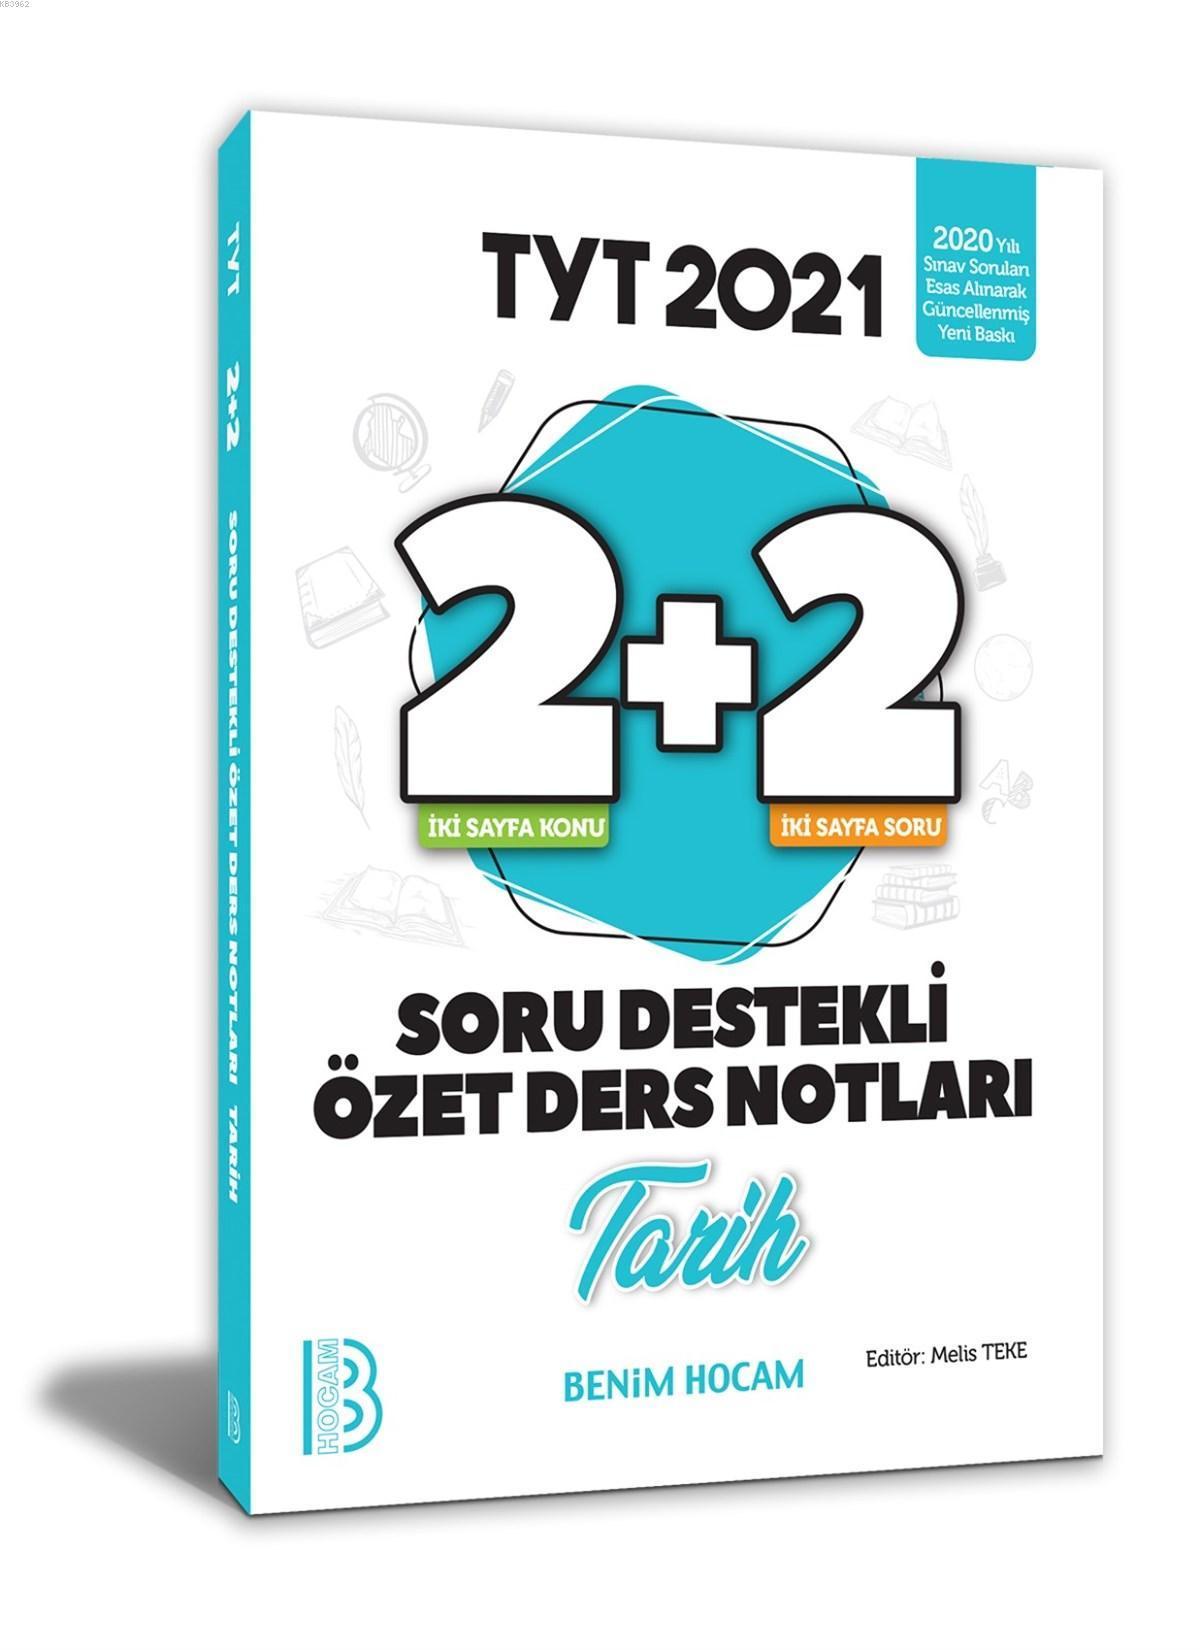 2021 YKS TYT Tarih 2+2 Soru Destekli Özet Ders Notları Benim Hocam Yayınları